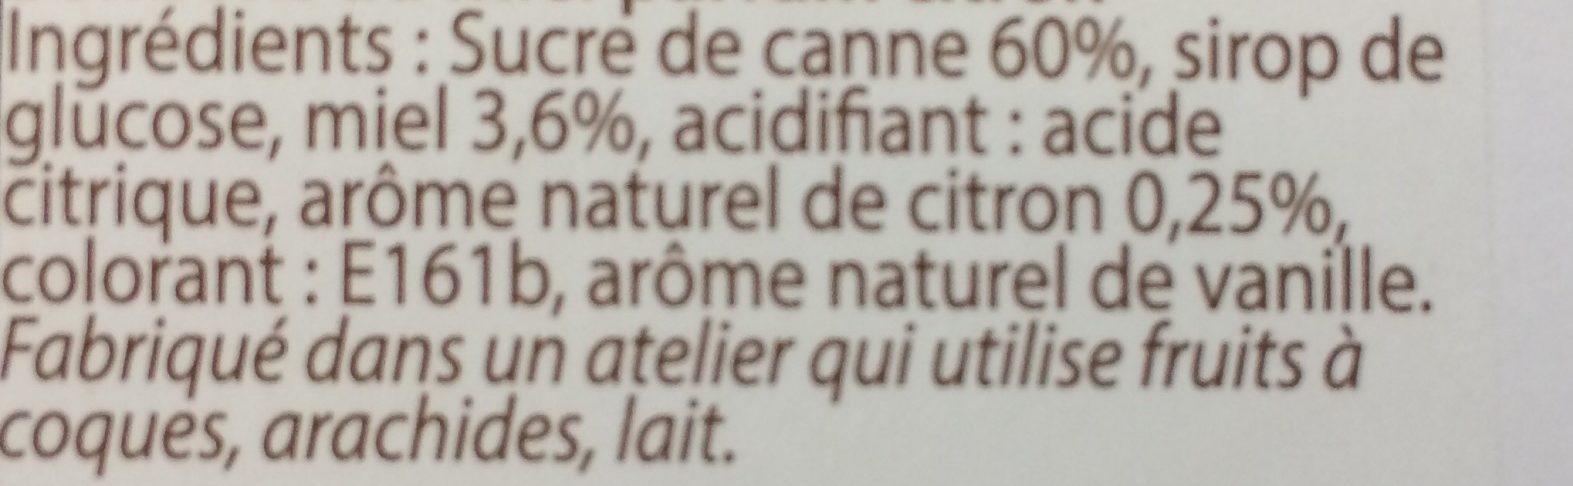 Bonbons Miel parfum Citron - Ingredients